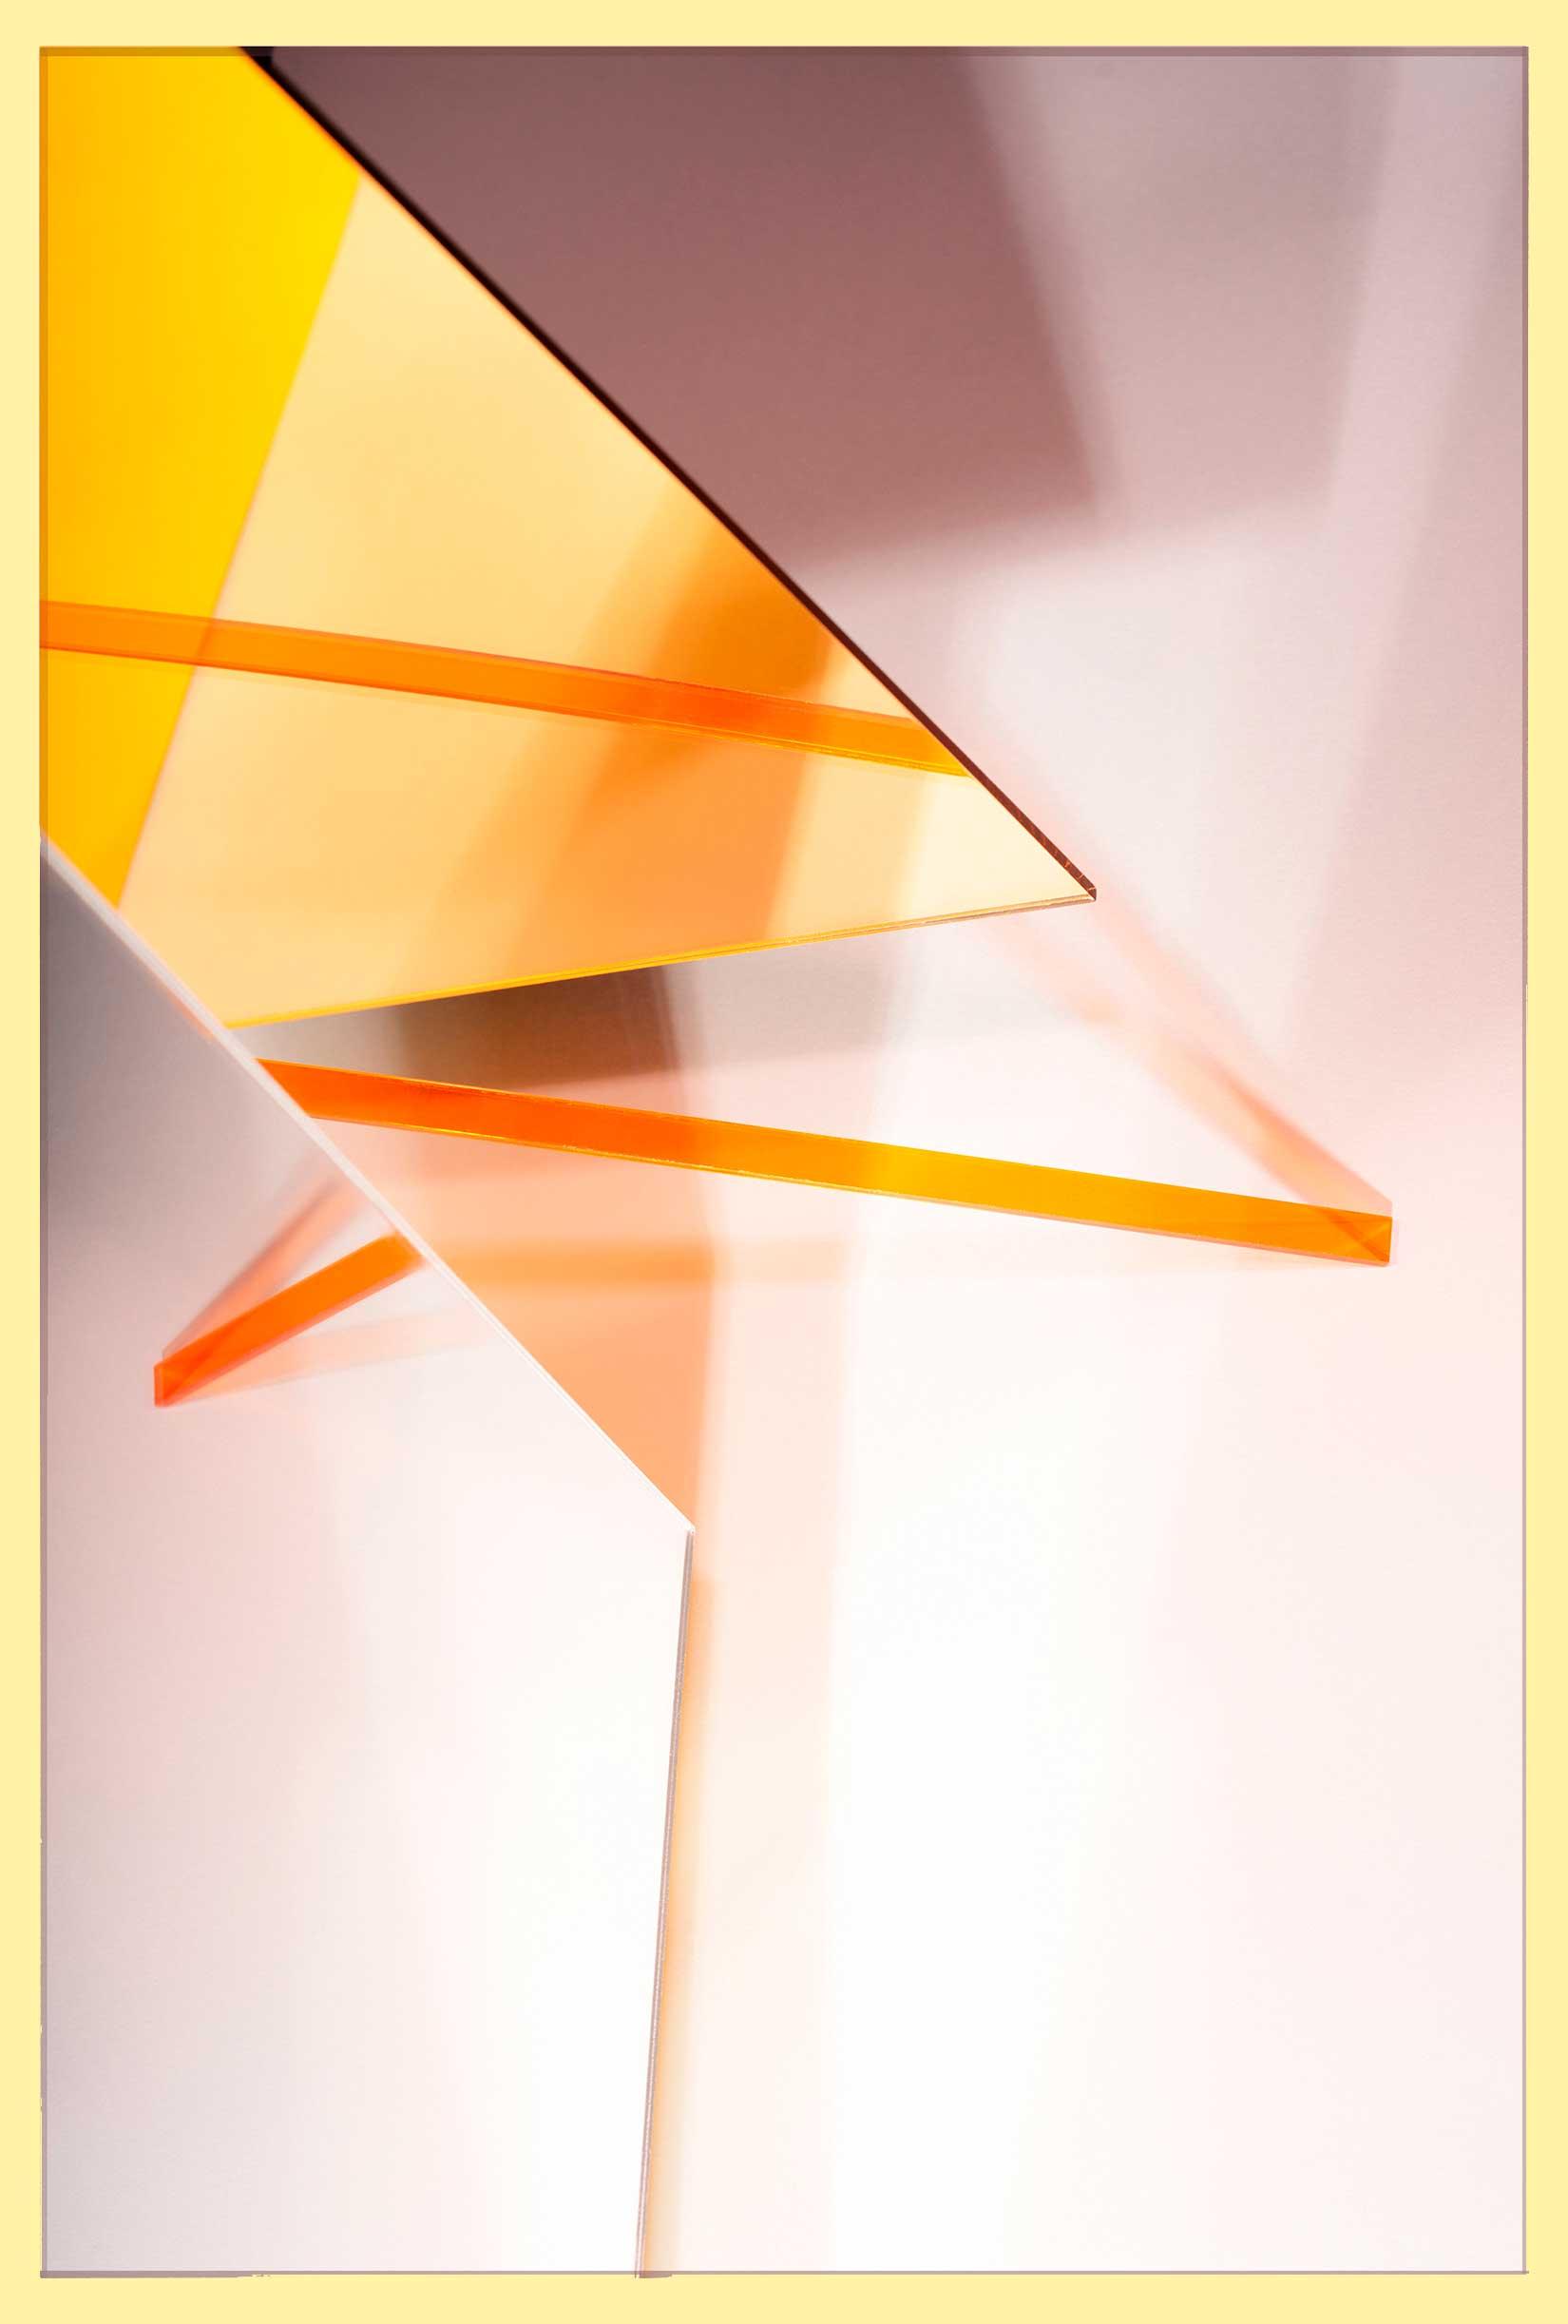 LYDIA WEGNER   Yellow Mirror Slide  2017 Archival inkjet print 106 x 71 cm